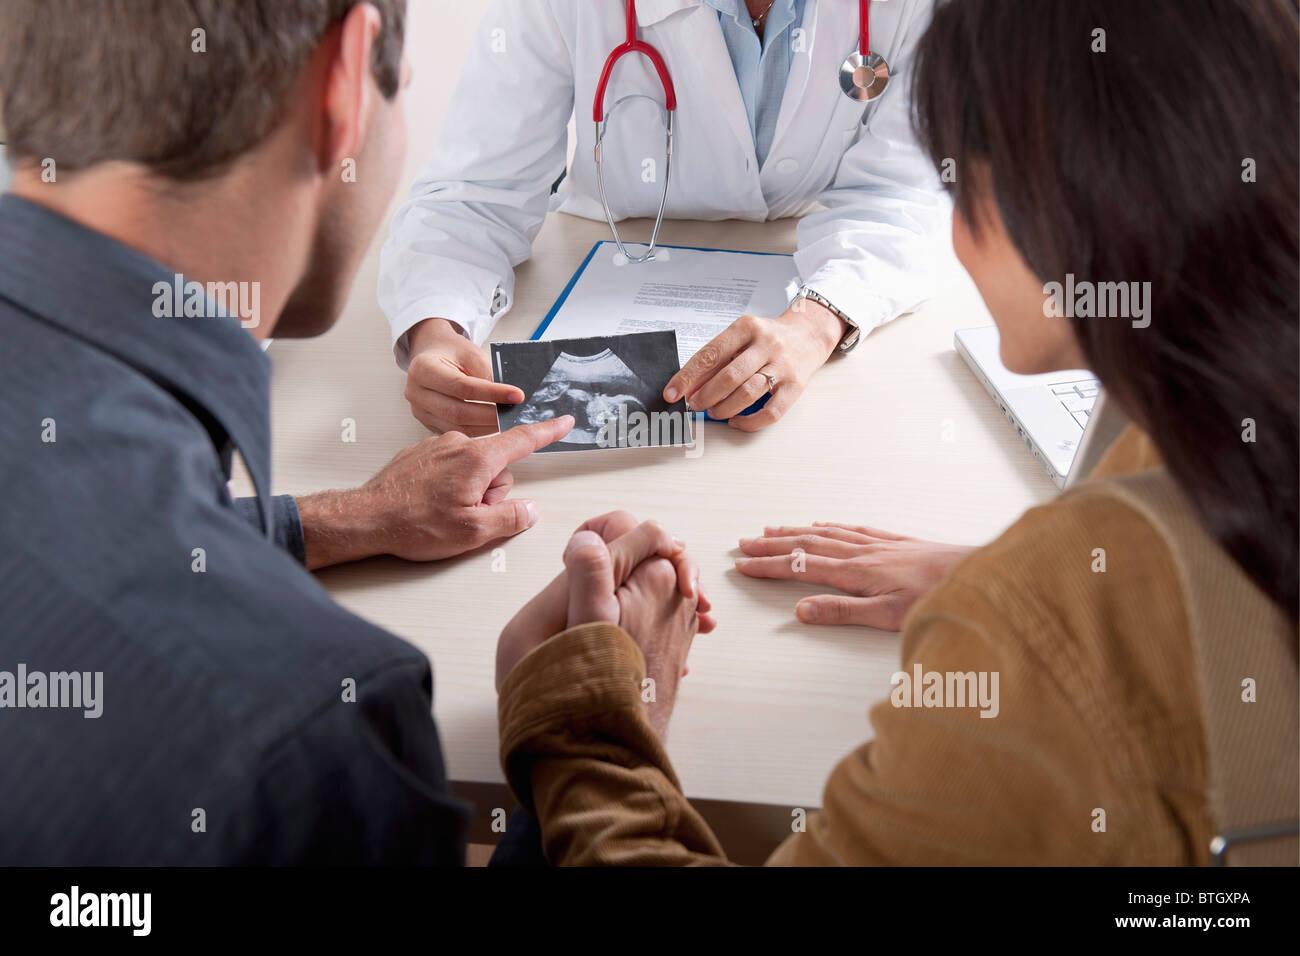 Medico con ultrasuoni e giovane Immagini Stock